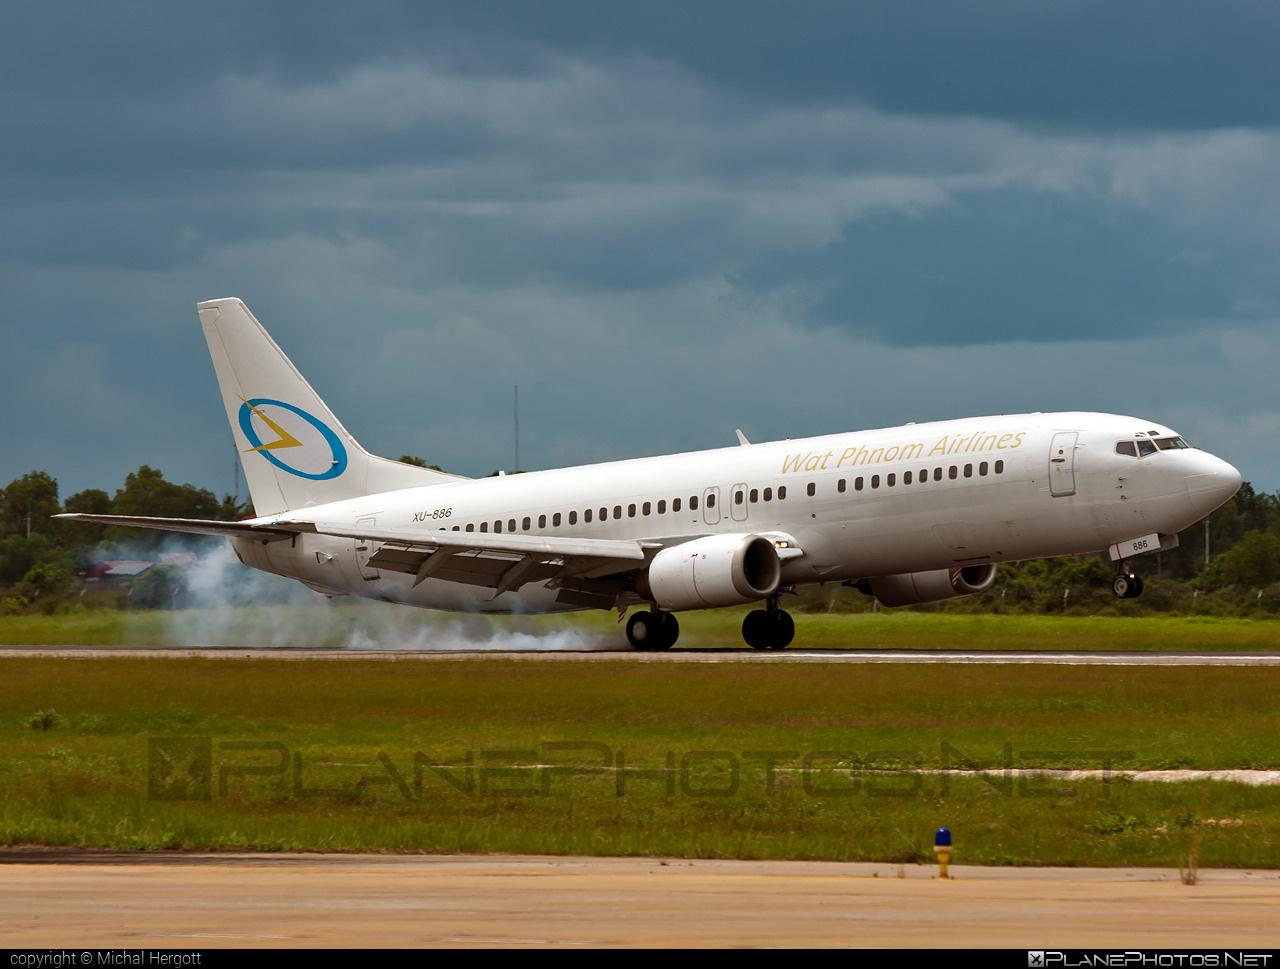 Boeing 737-400 - XU-886 operated by Wat Phnom Airlines #b737 #boeing #boeing737